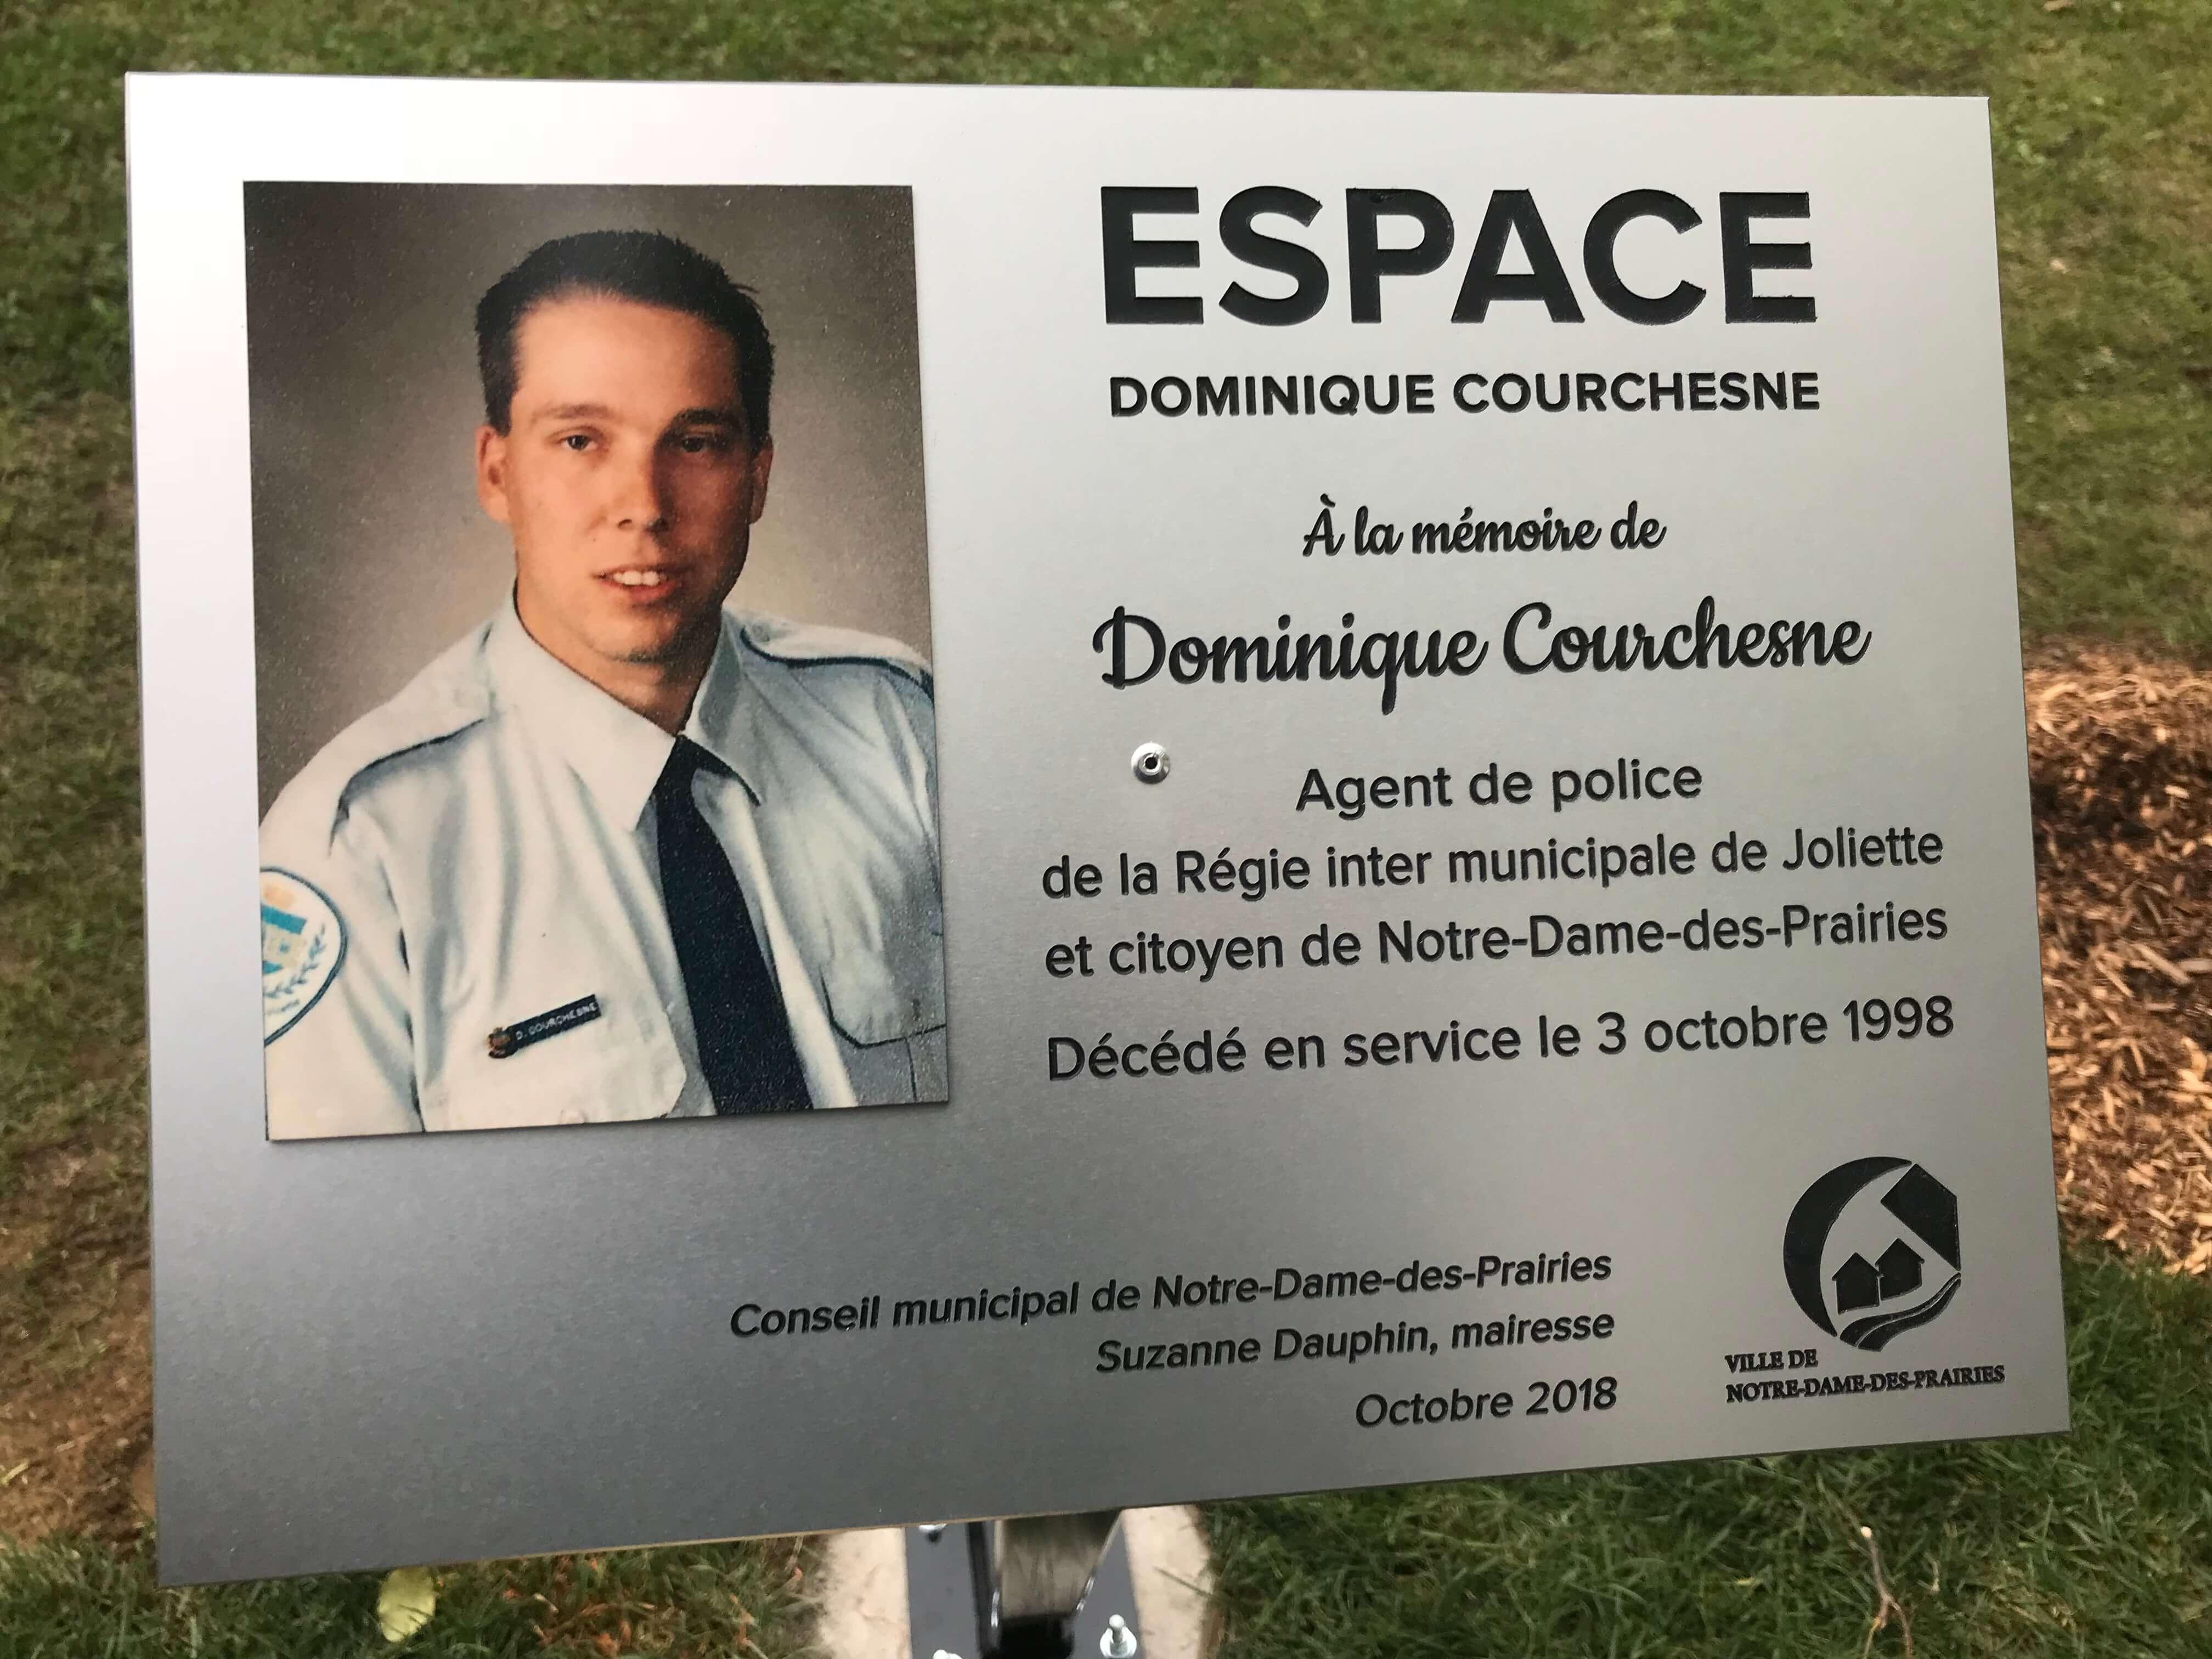 Espace Dominique Courchesne